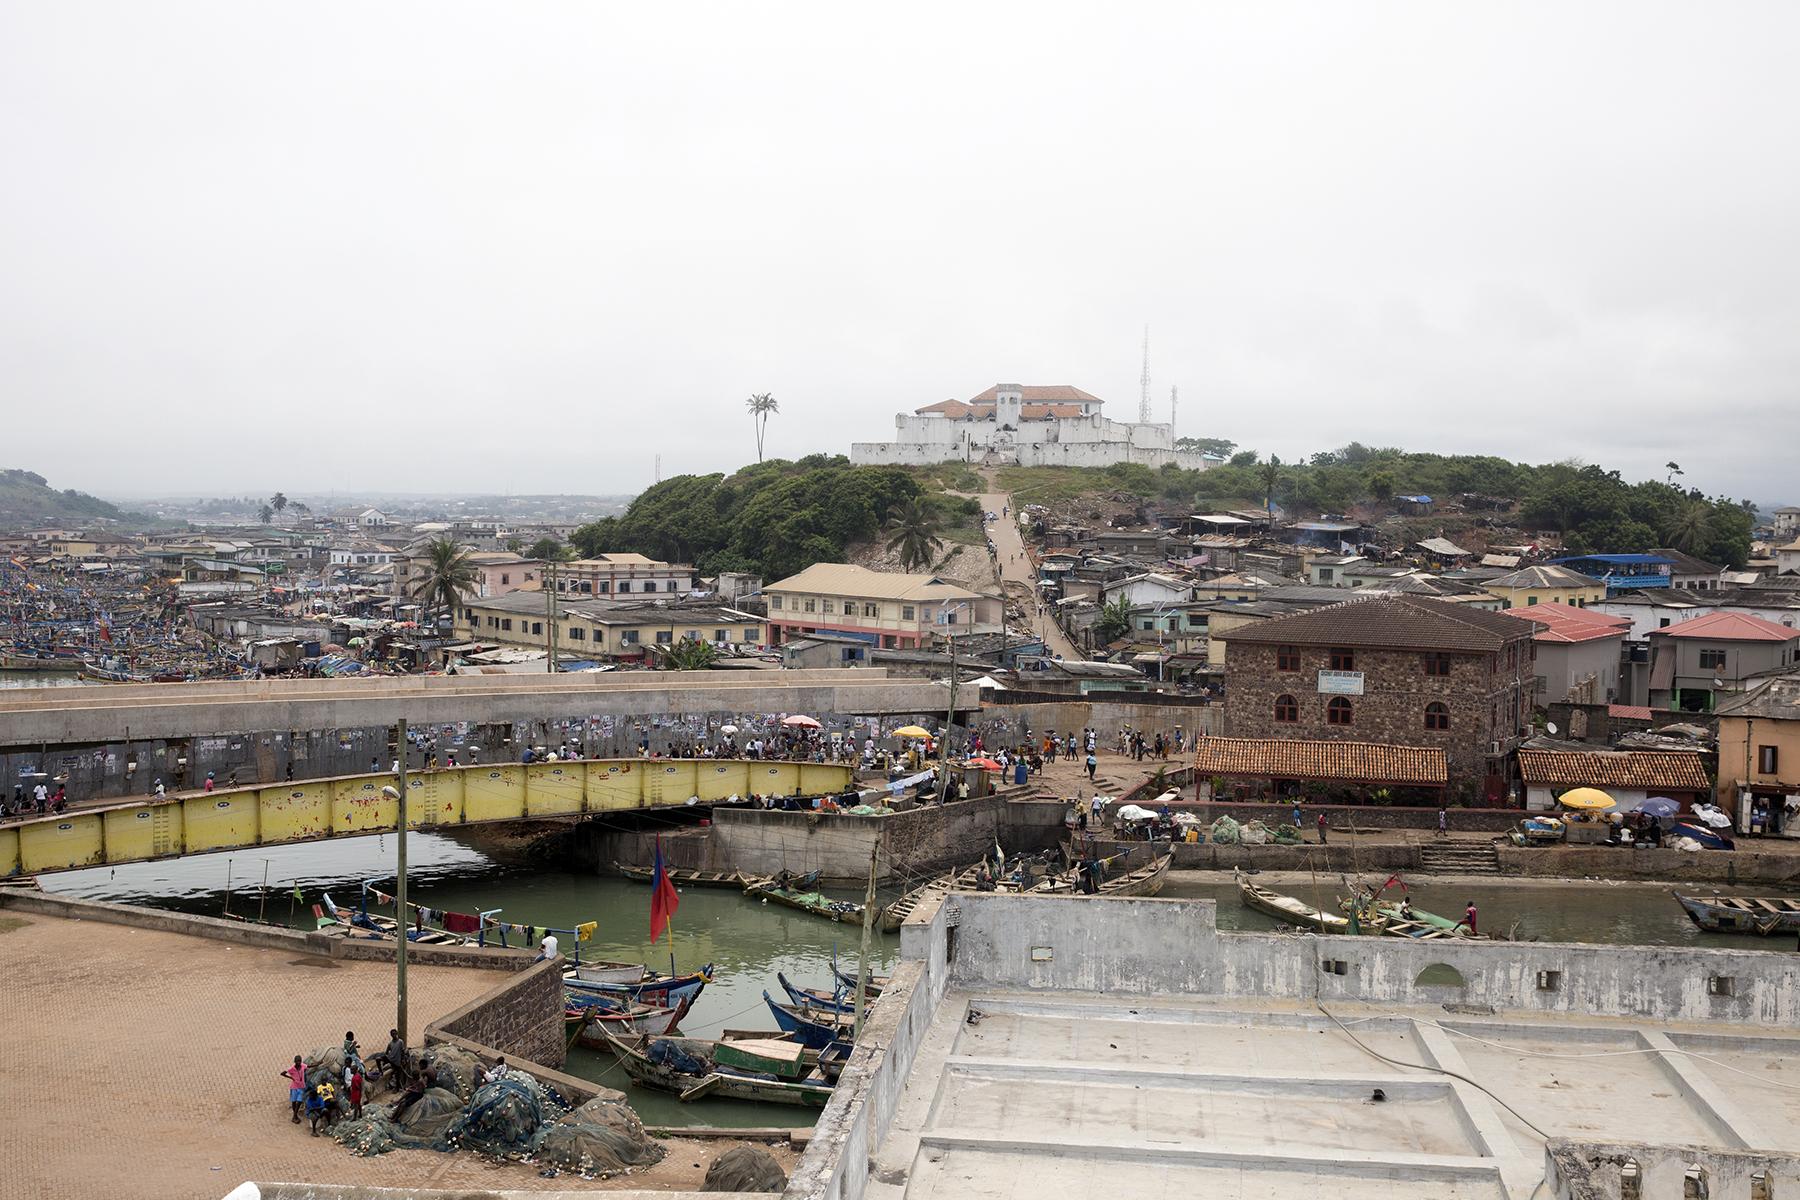 An aerial view of Elmina